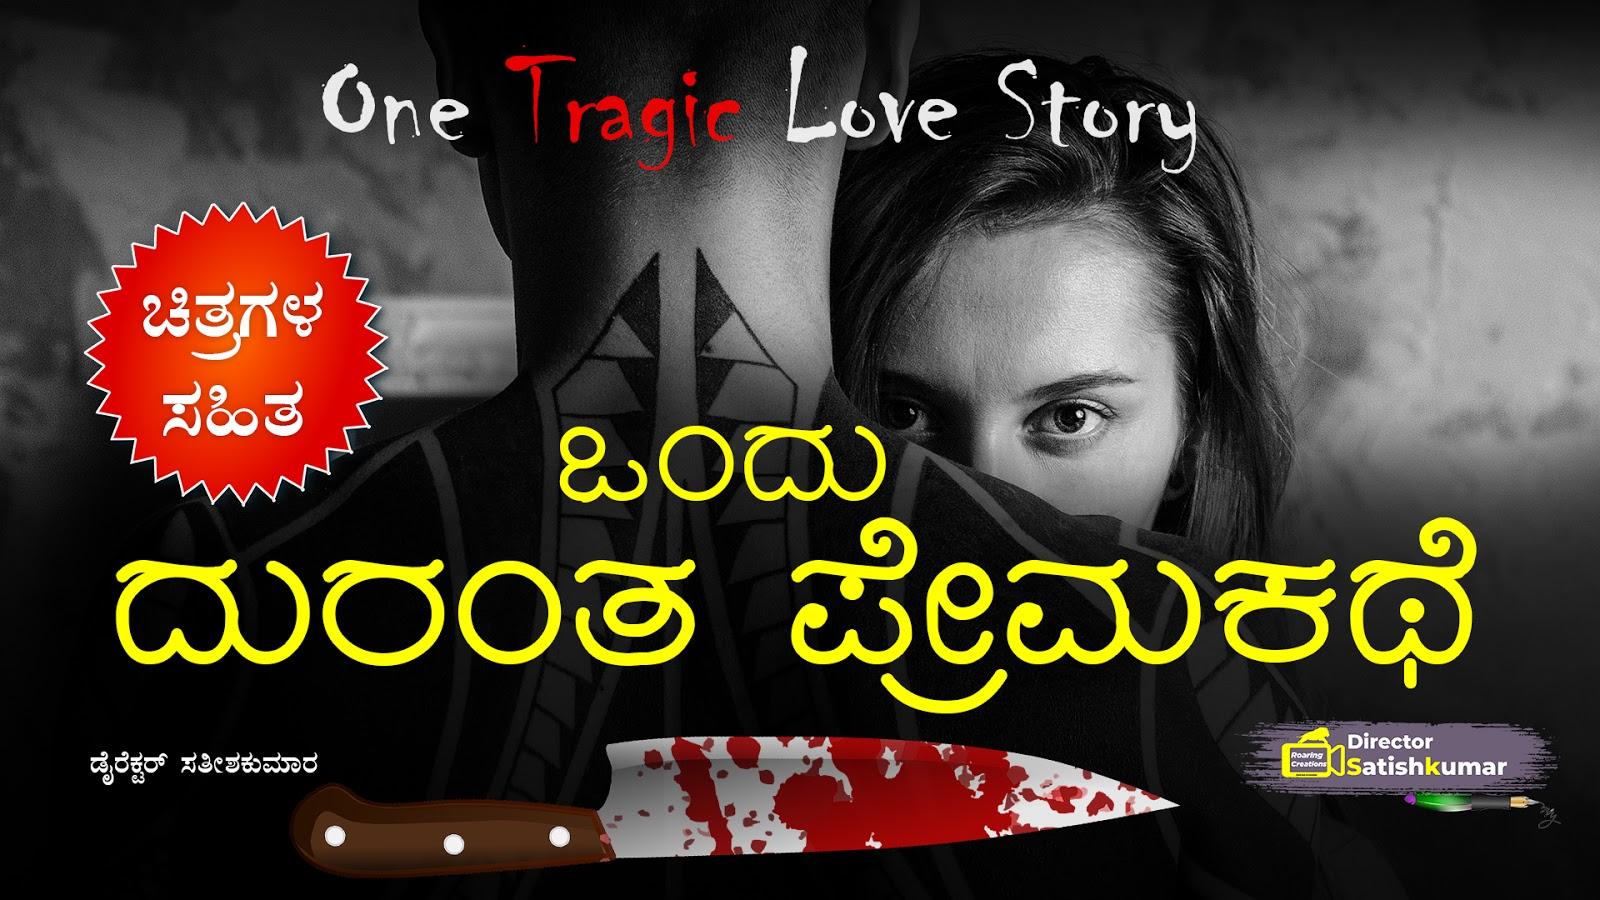 ಒಂದು ದುರಂತ ಪ್ರೇಮಕಥೆ  - Kannada Tragic Love Story